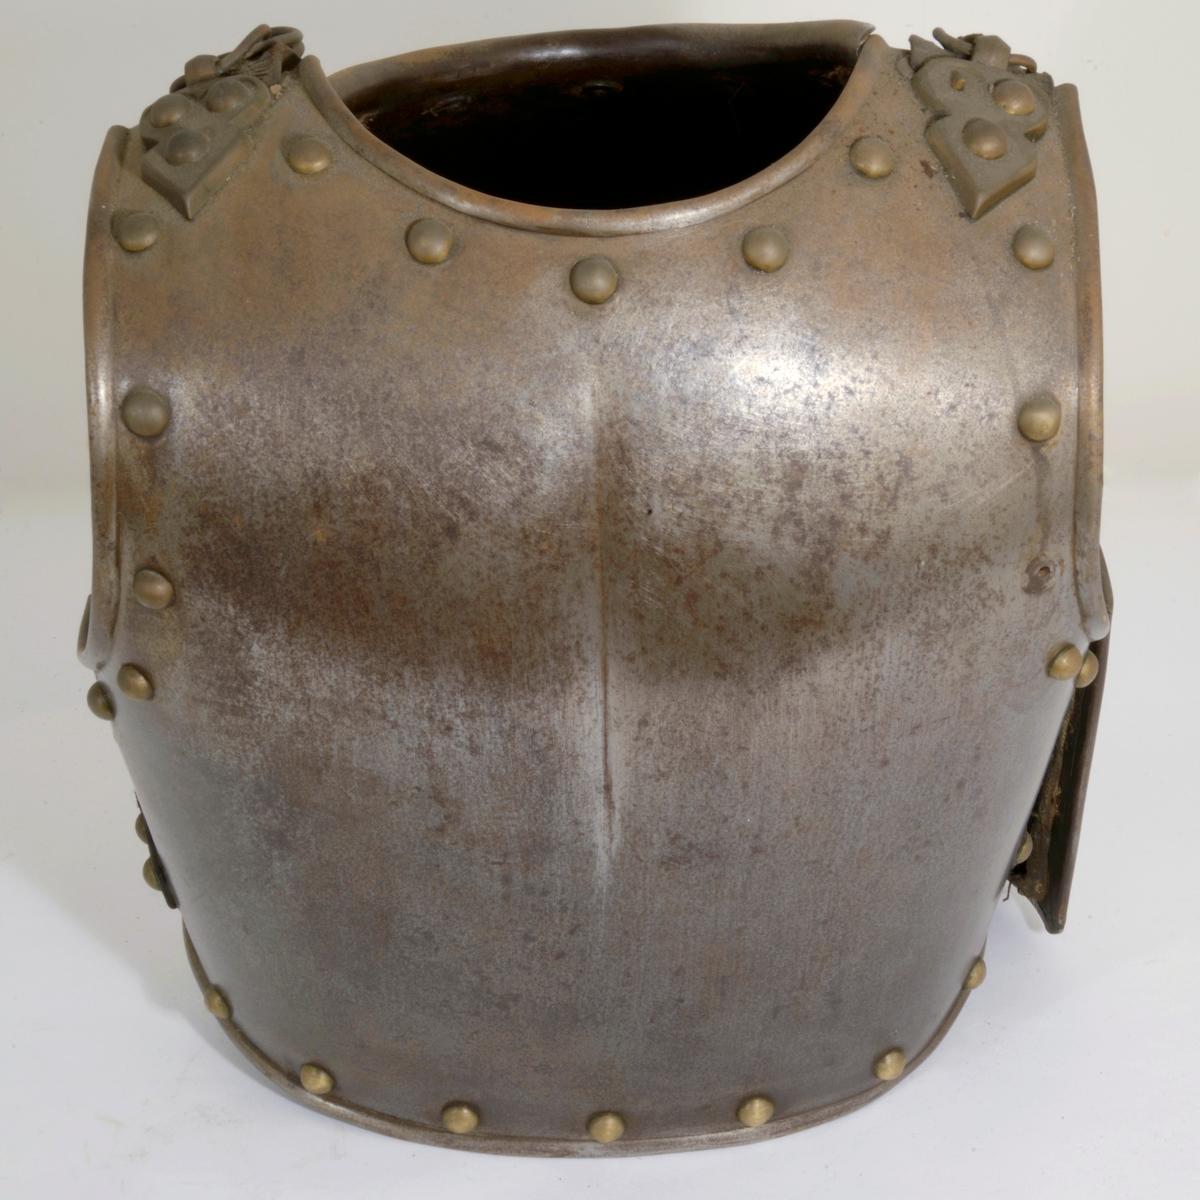 Kyrass bestående av brystplate på nr A.03241og ryggplate på nr A.03242. Platene er kantet med messing nitter. Lærremmer med jernringer er festet på ryggplaten og festet til nitter på fronten av brystplaten. Ryggplaten er foret med strie.